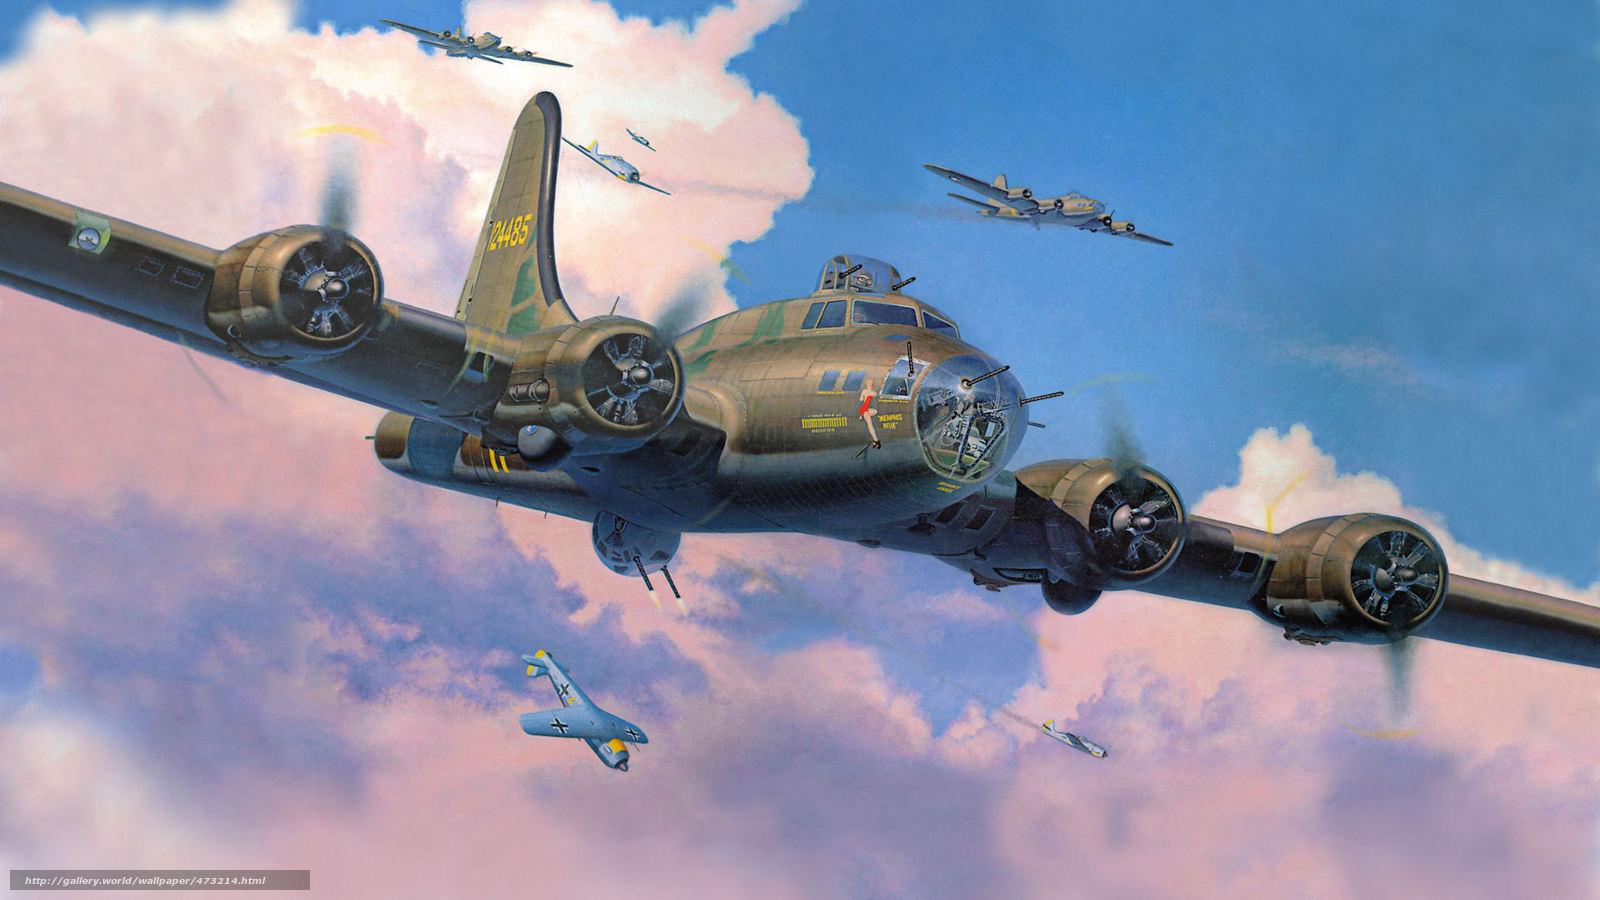 Скачать обои Летающая крепость,  бомбардировщики,  истребители,  перехват бесплатно для рабочего стола в разрешении 1920x1080 — картинка №473214